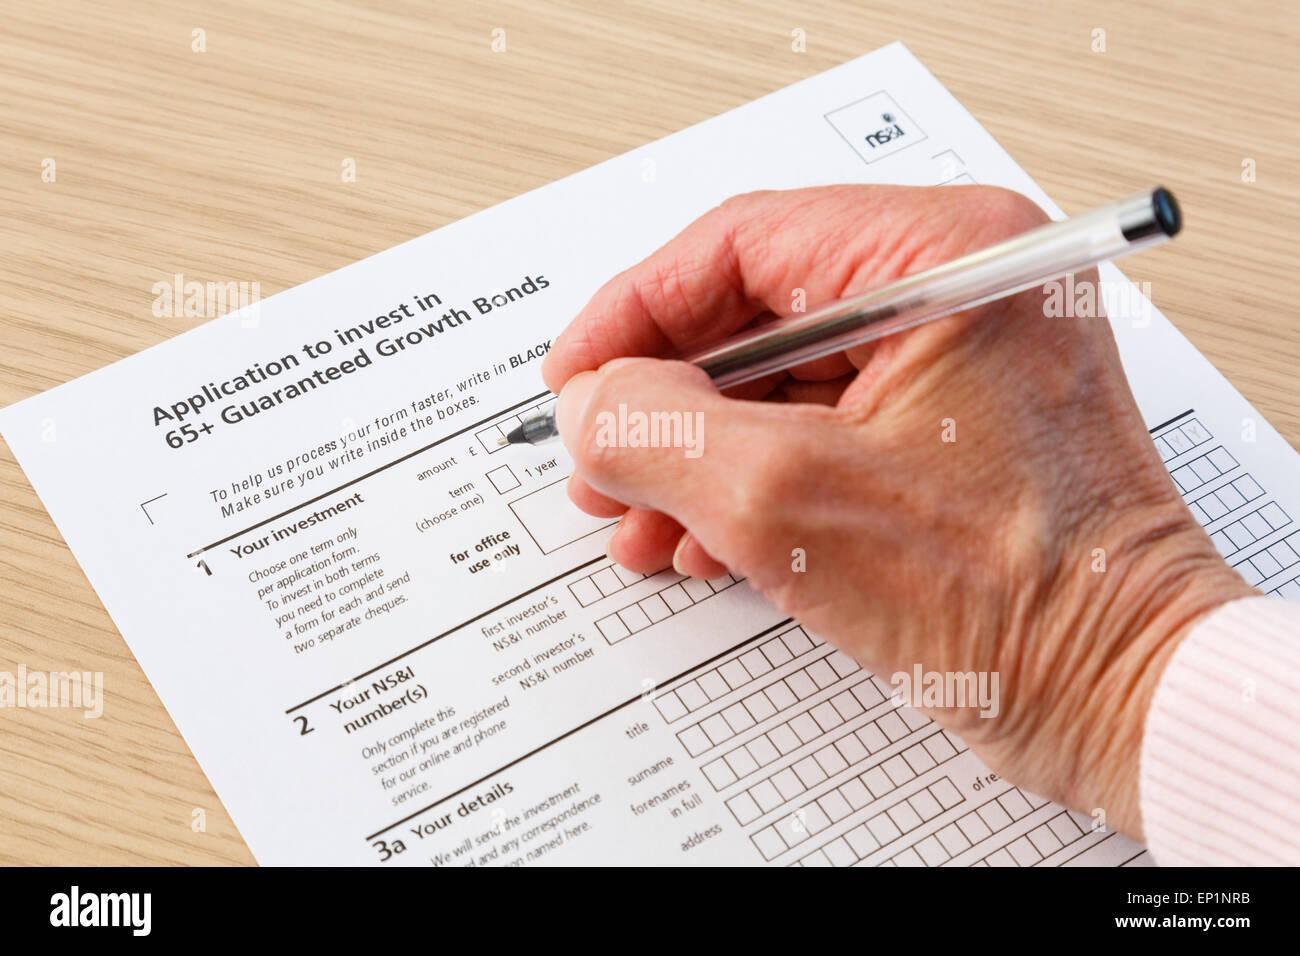 Anciano pensionista senior rellenar un formulario de solicitud para comprar las inversiones en bonos de crecimiento Imagen De Stock